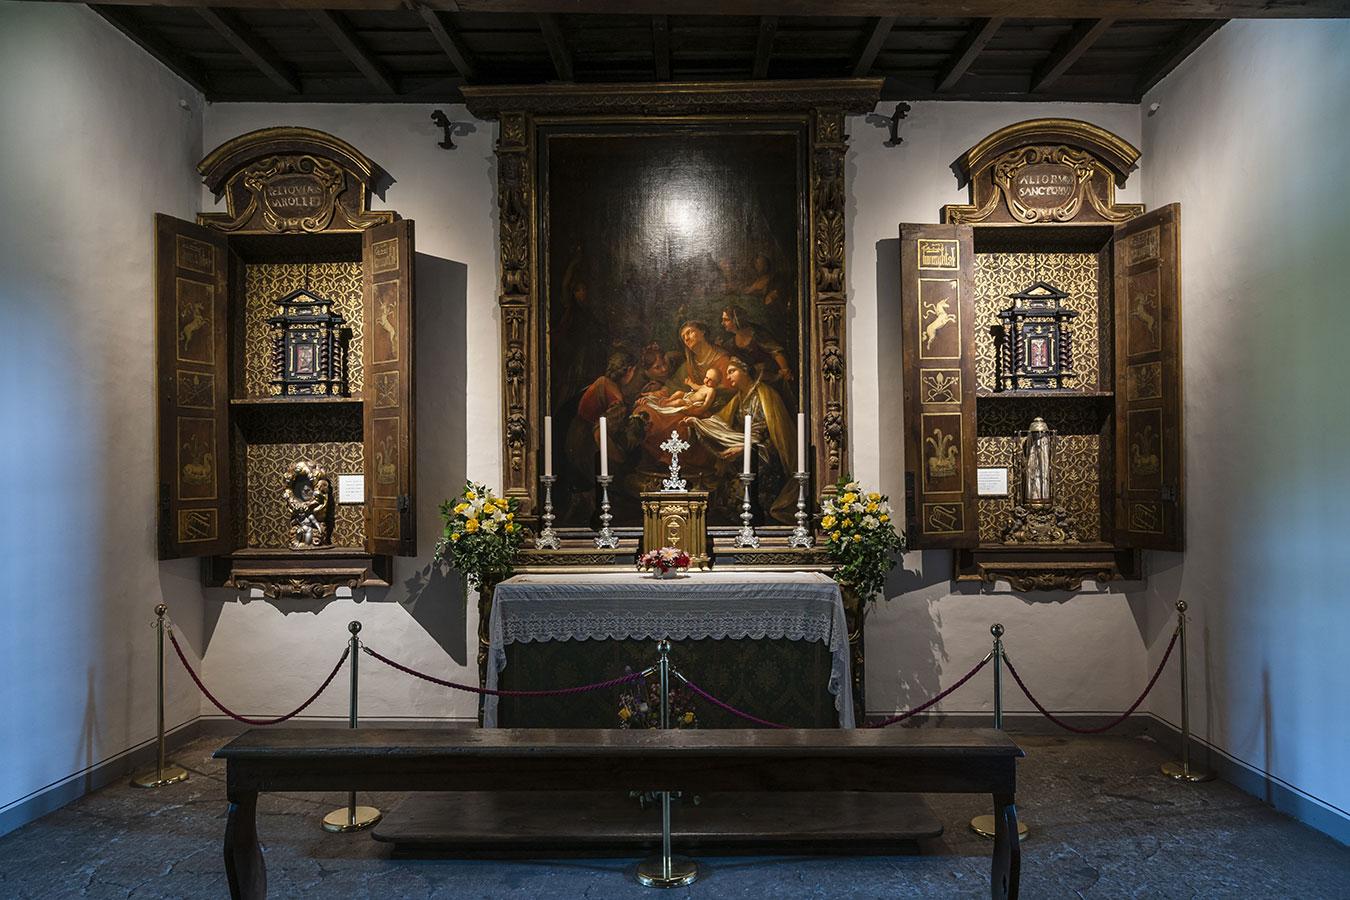 Chiesa San Carlo Borromeo, reliquie